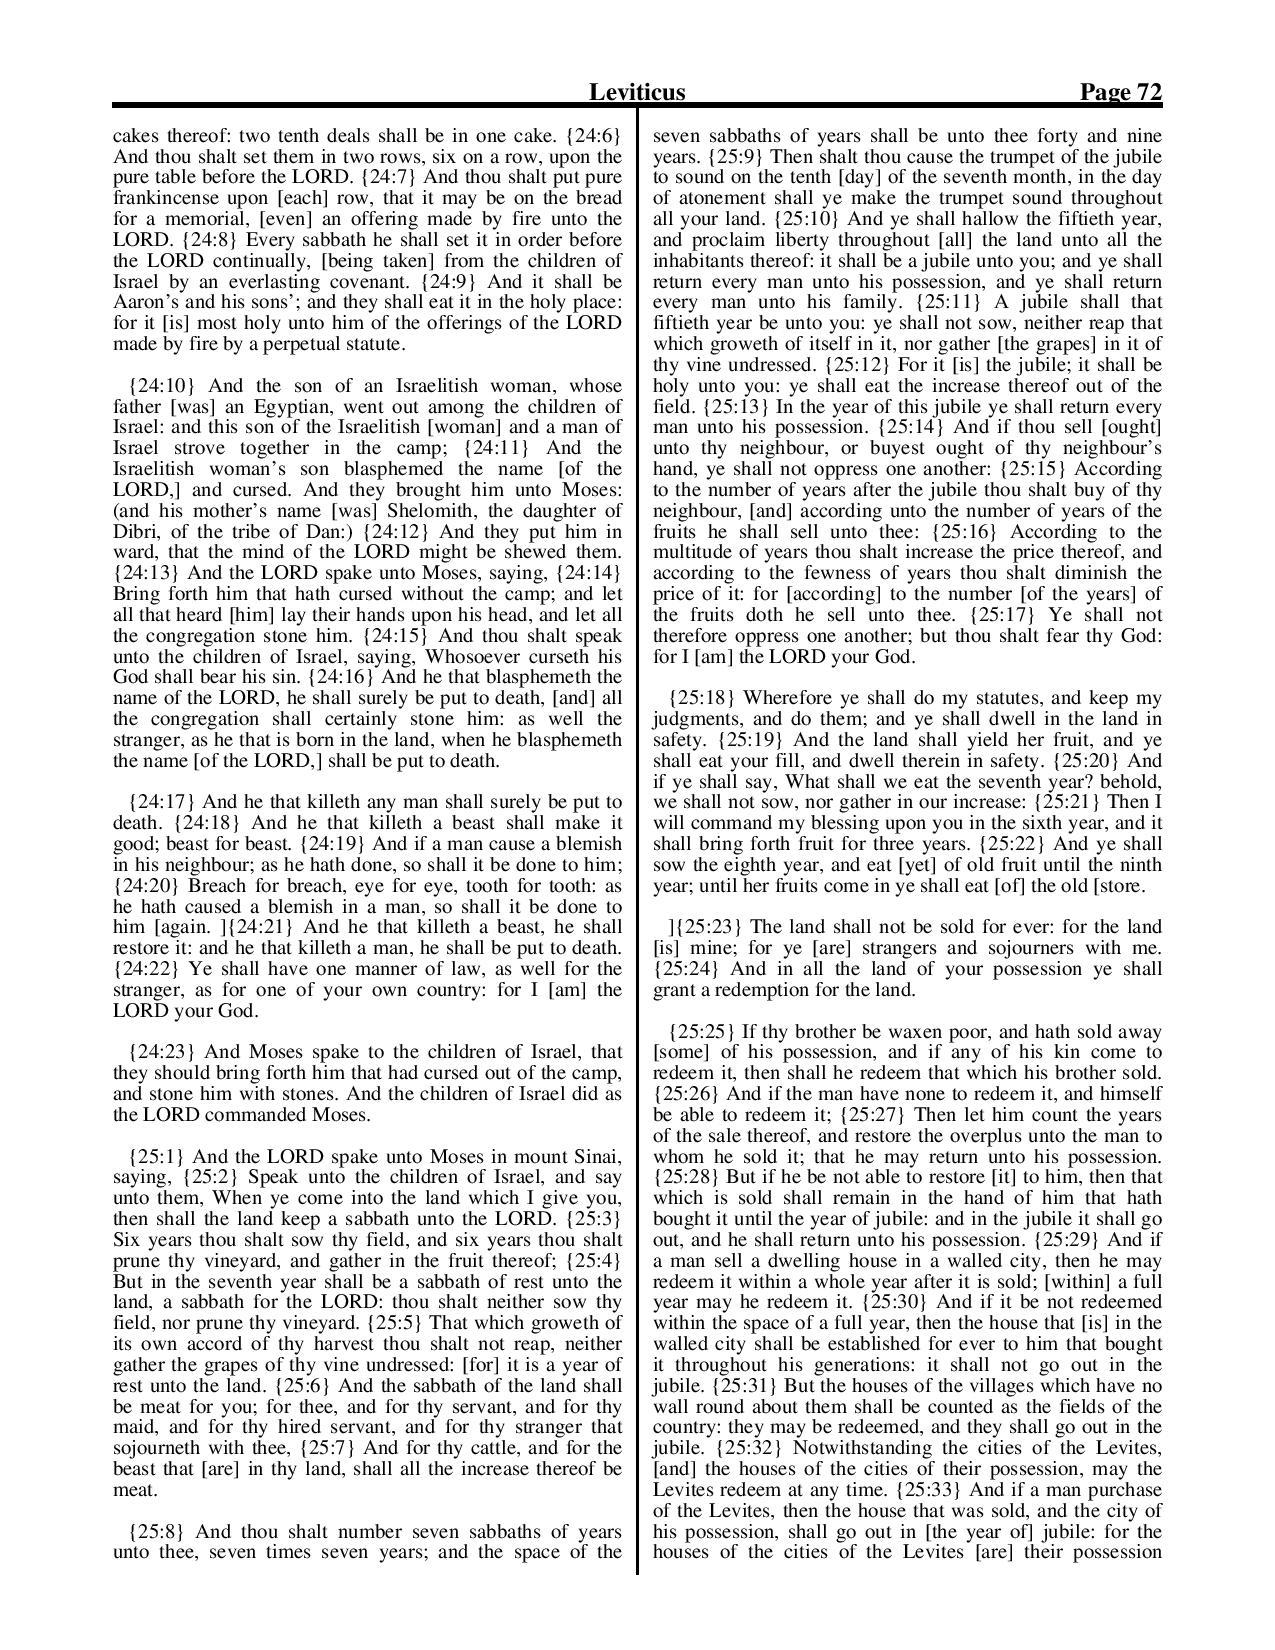 King-James-Bible-KJV-Bible-PDF-page-093